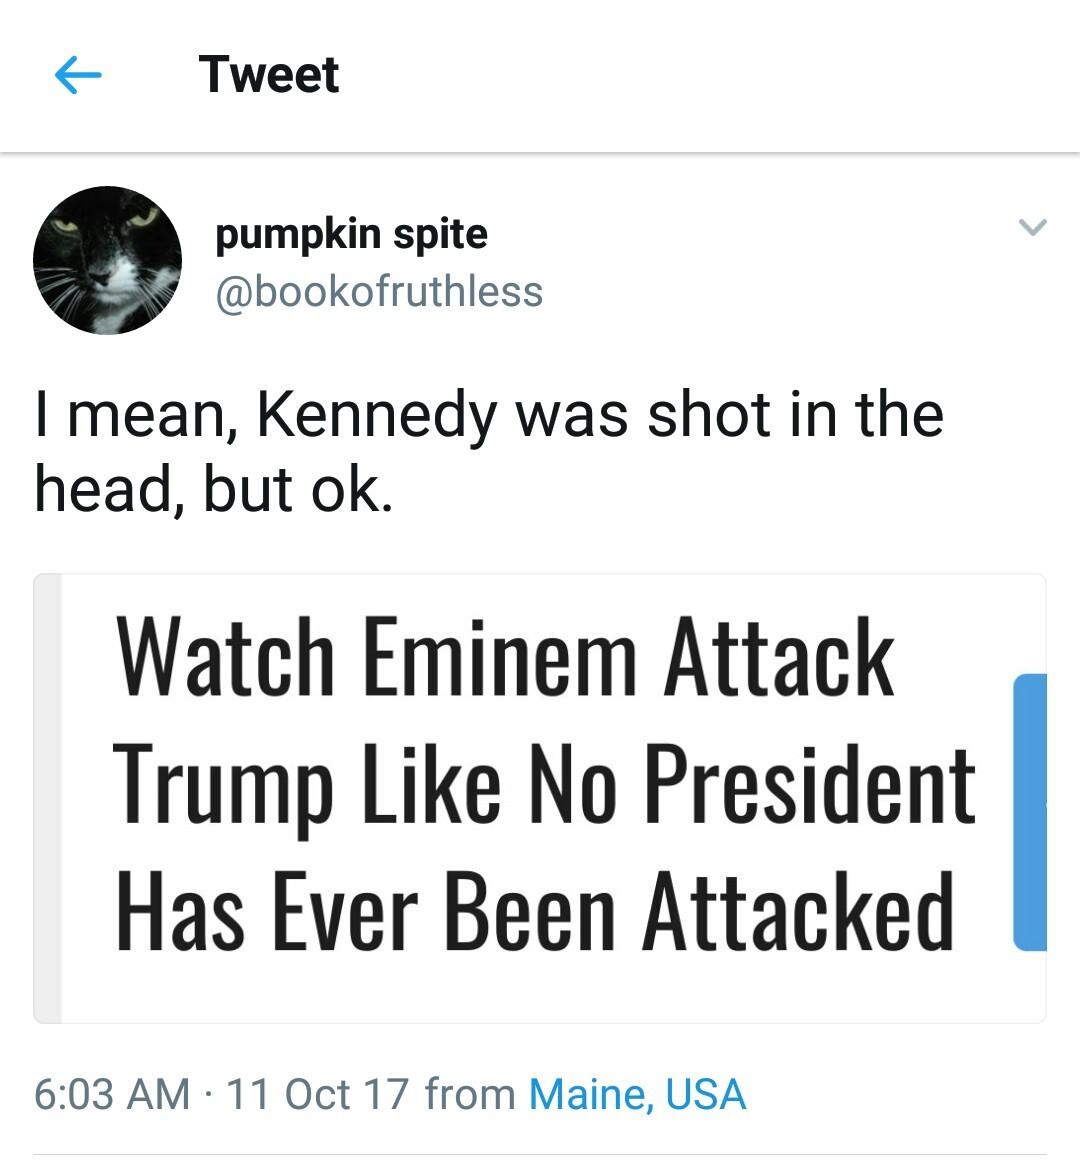 Trump vs Eminem vs Media - meme